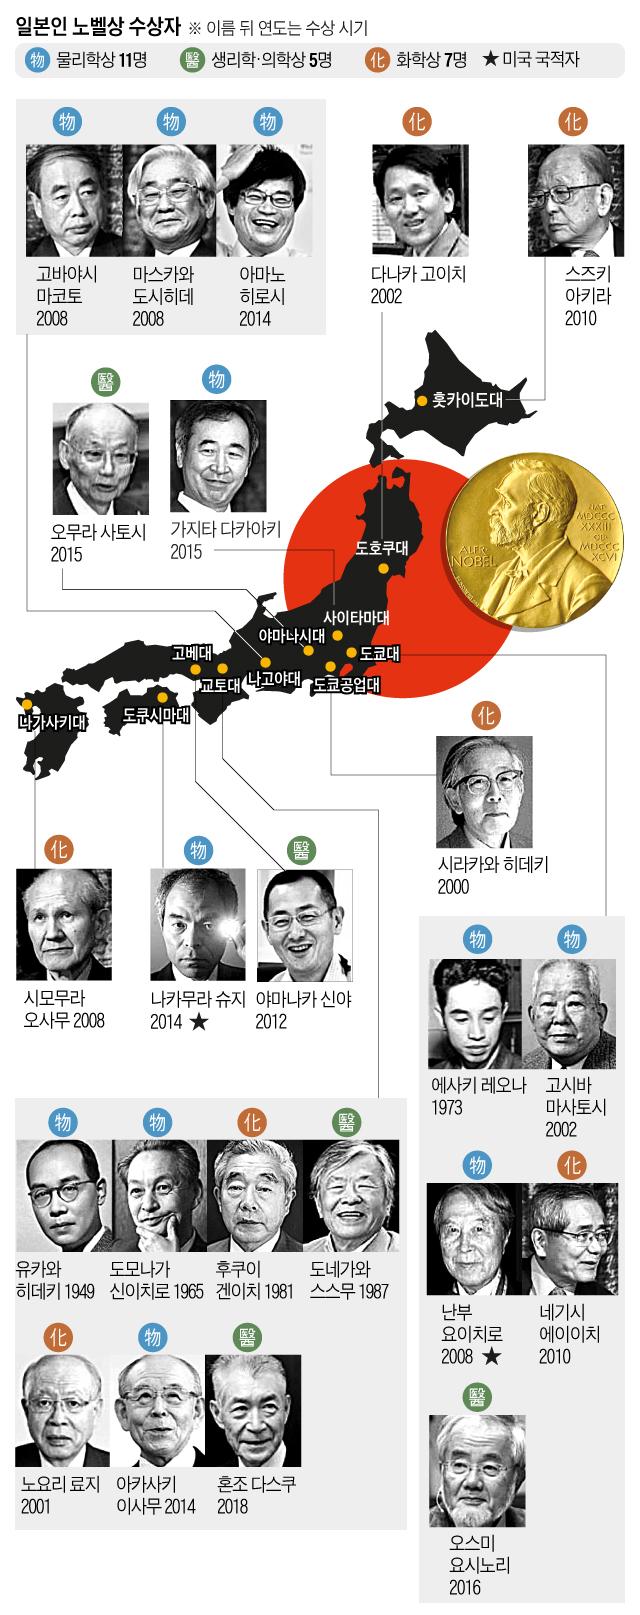 일본인 노벨상 수상자들 그래픽